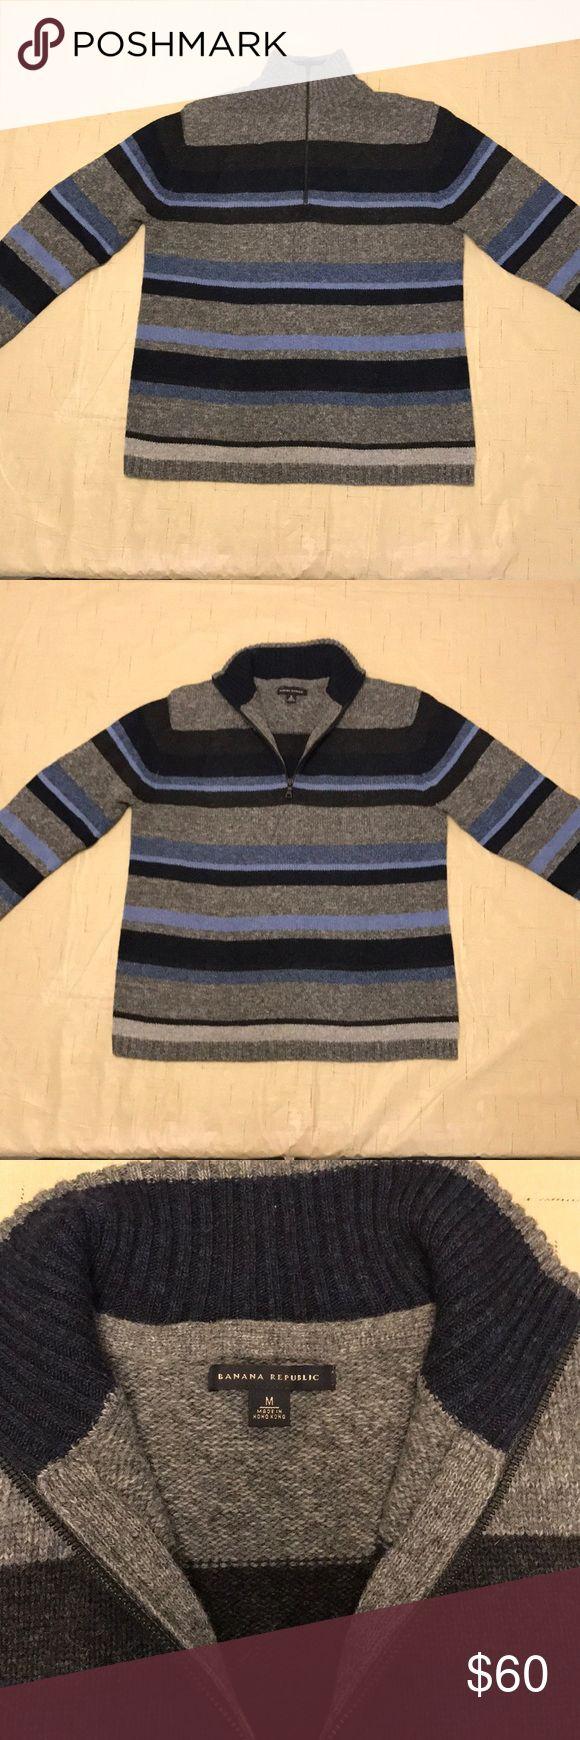 Men's half-zip Banana Republic 100% wool sweater 100% Wool Men's striped Banana Republic sweater. Half-zip. Blue/Gray Banana Republic Sweaters Zip Up